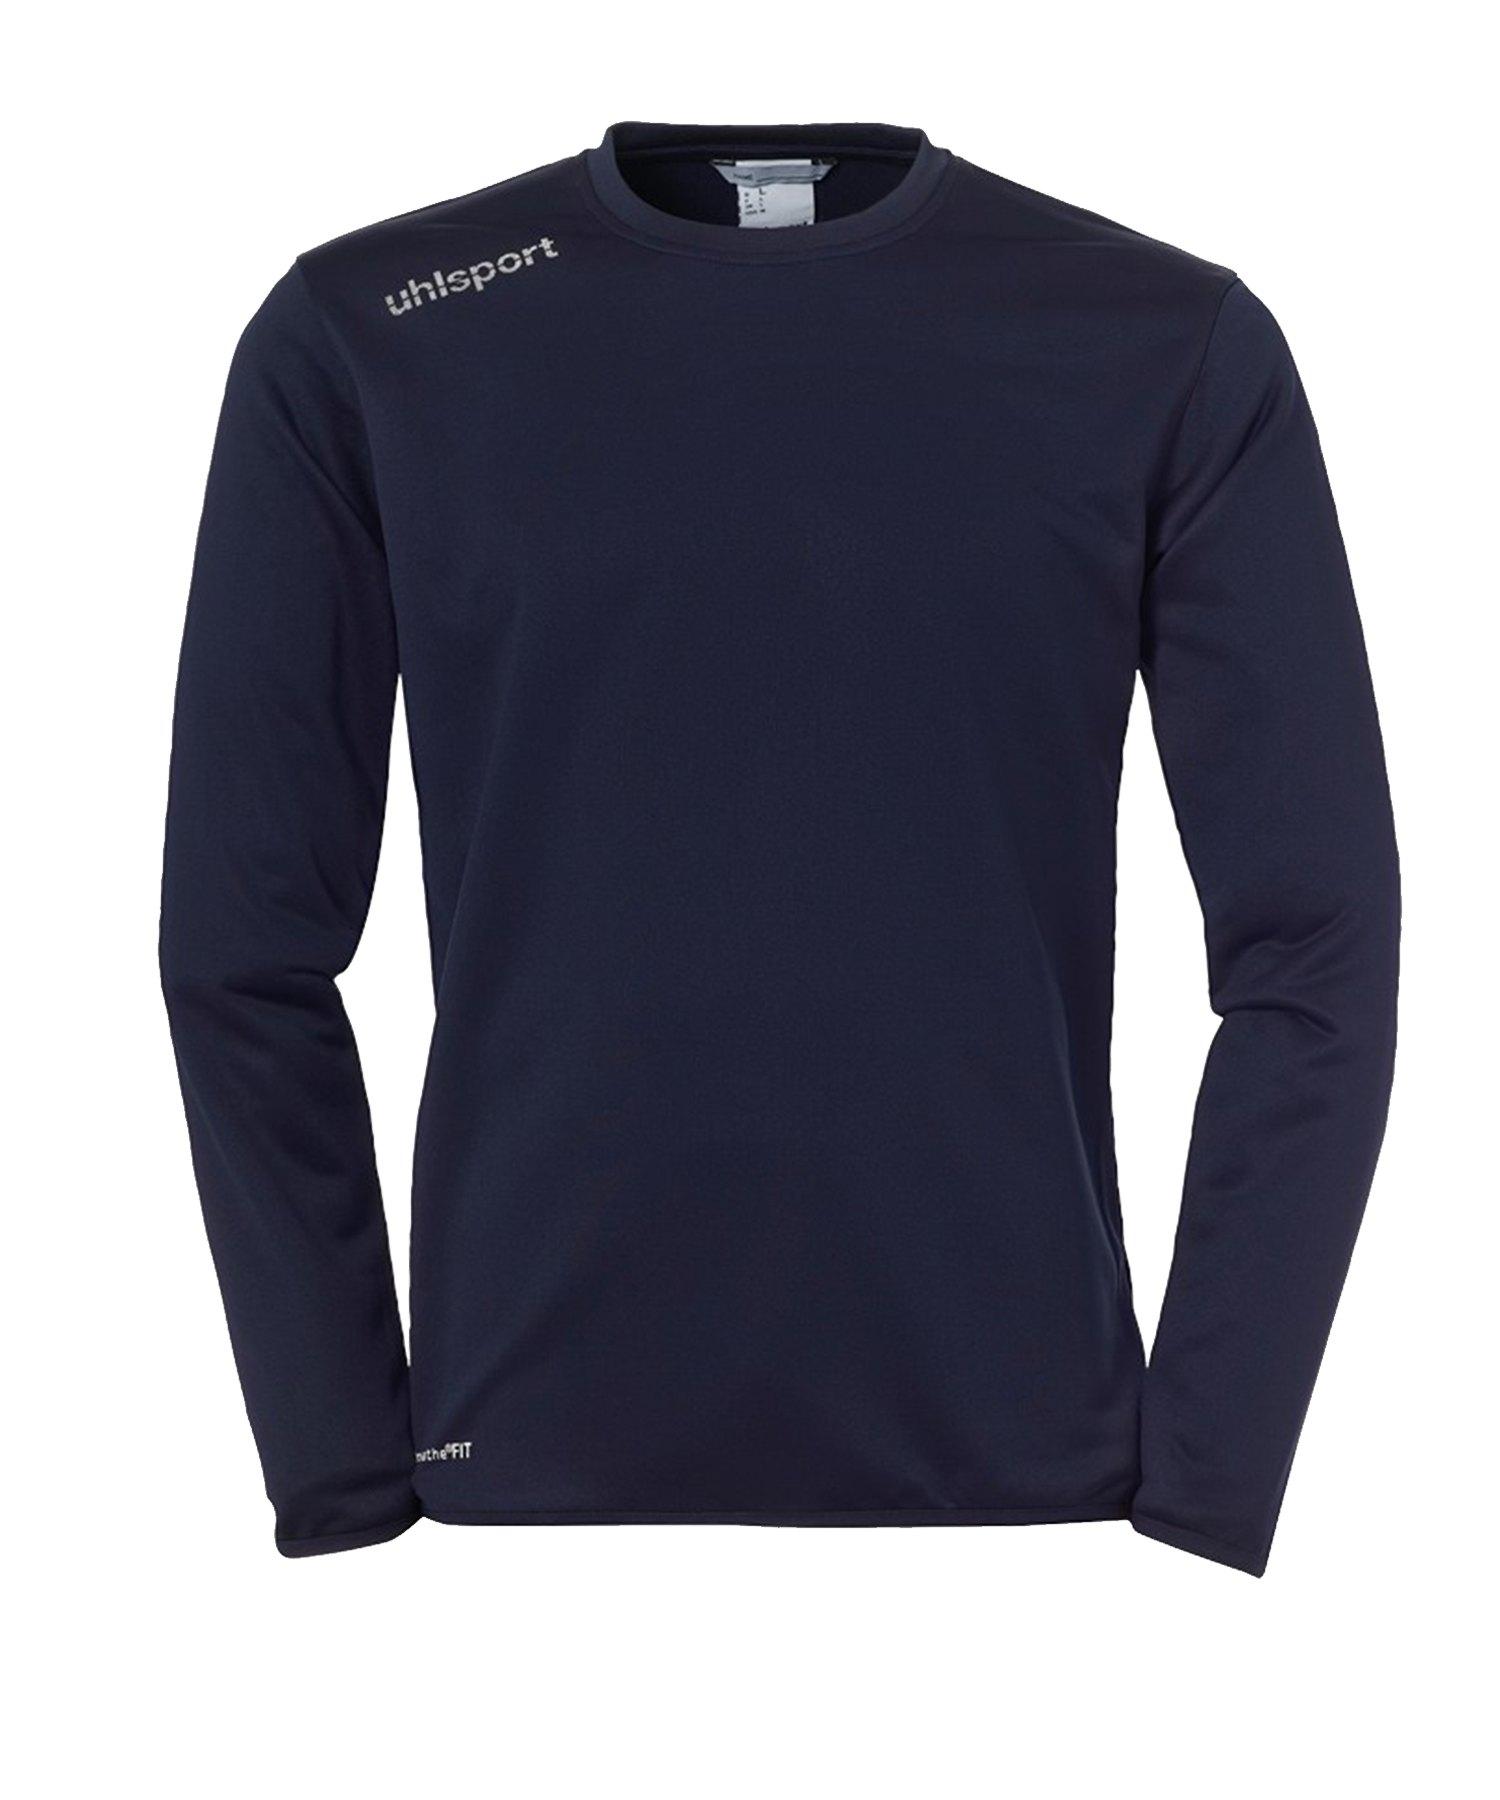 Uhlsport Essential Trainingstop langarm Blau F12 - Blau